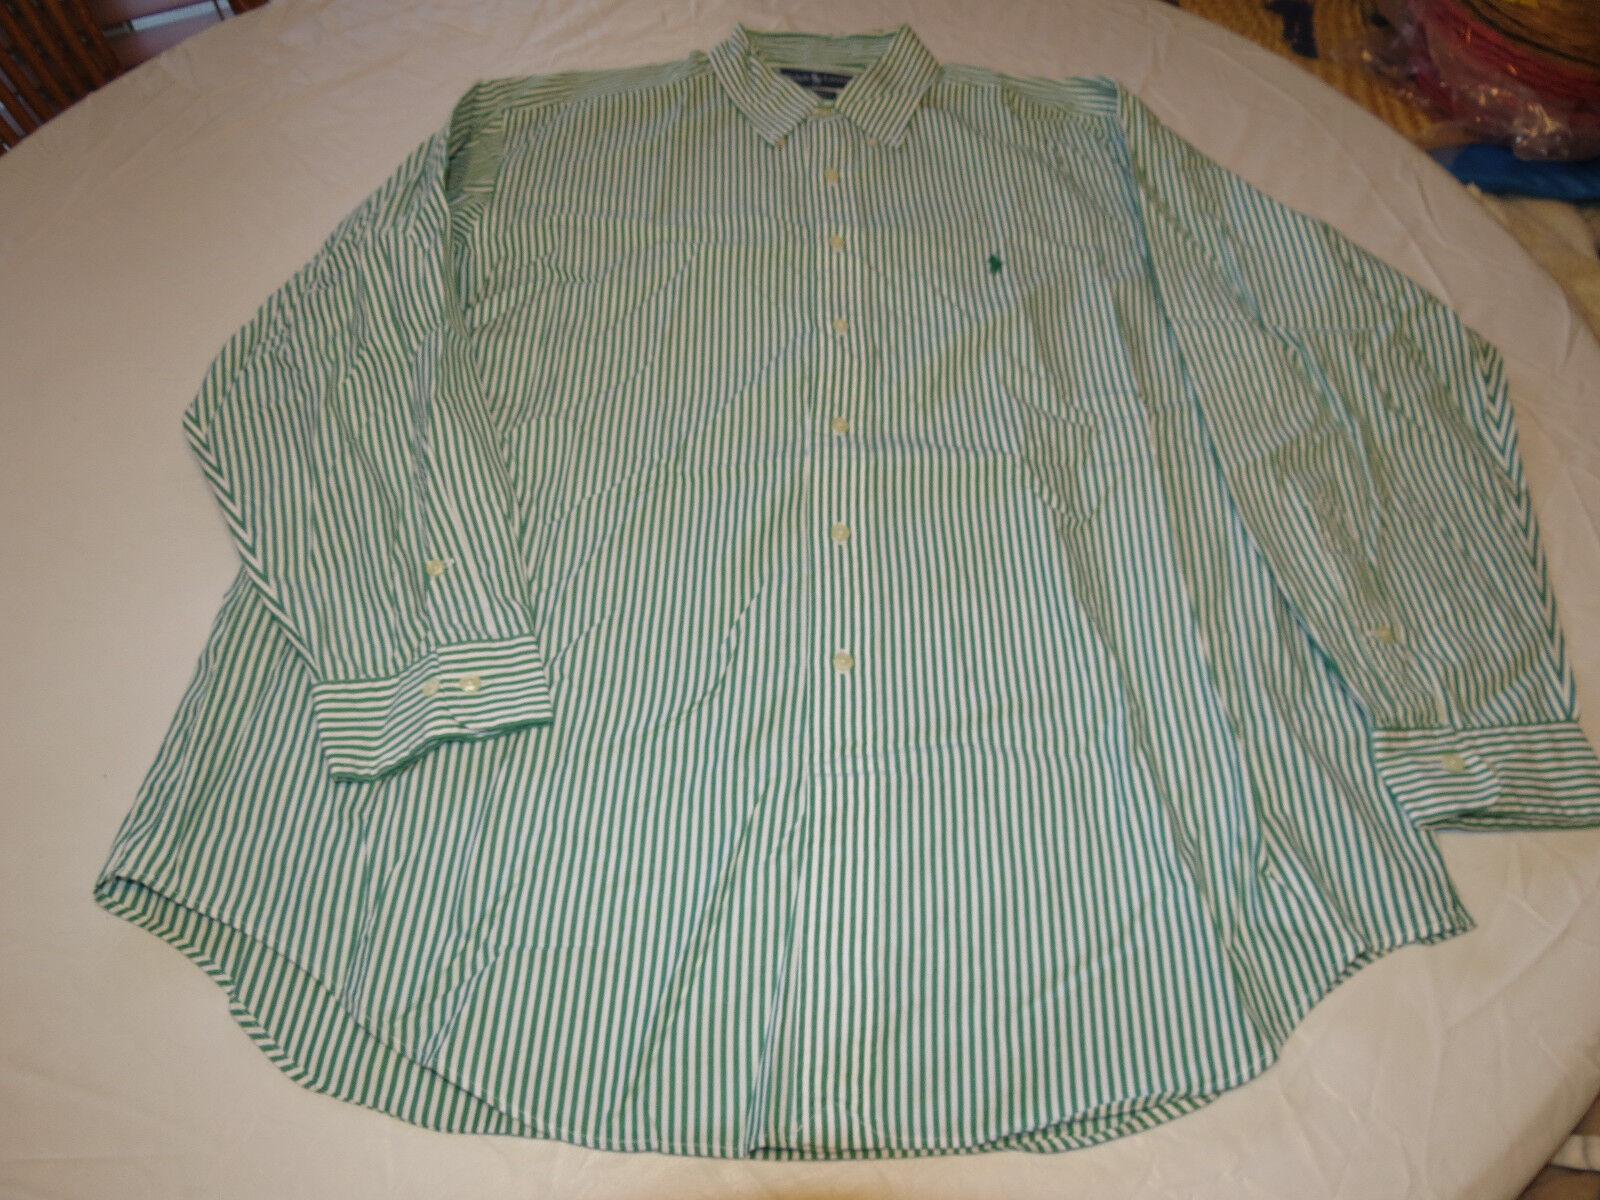 7b08817215 Ralph Lauren Yarmouth 17 34 35 grren white stp long sleeve button up Shirt  EUC @